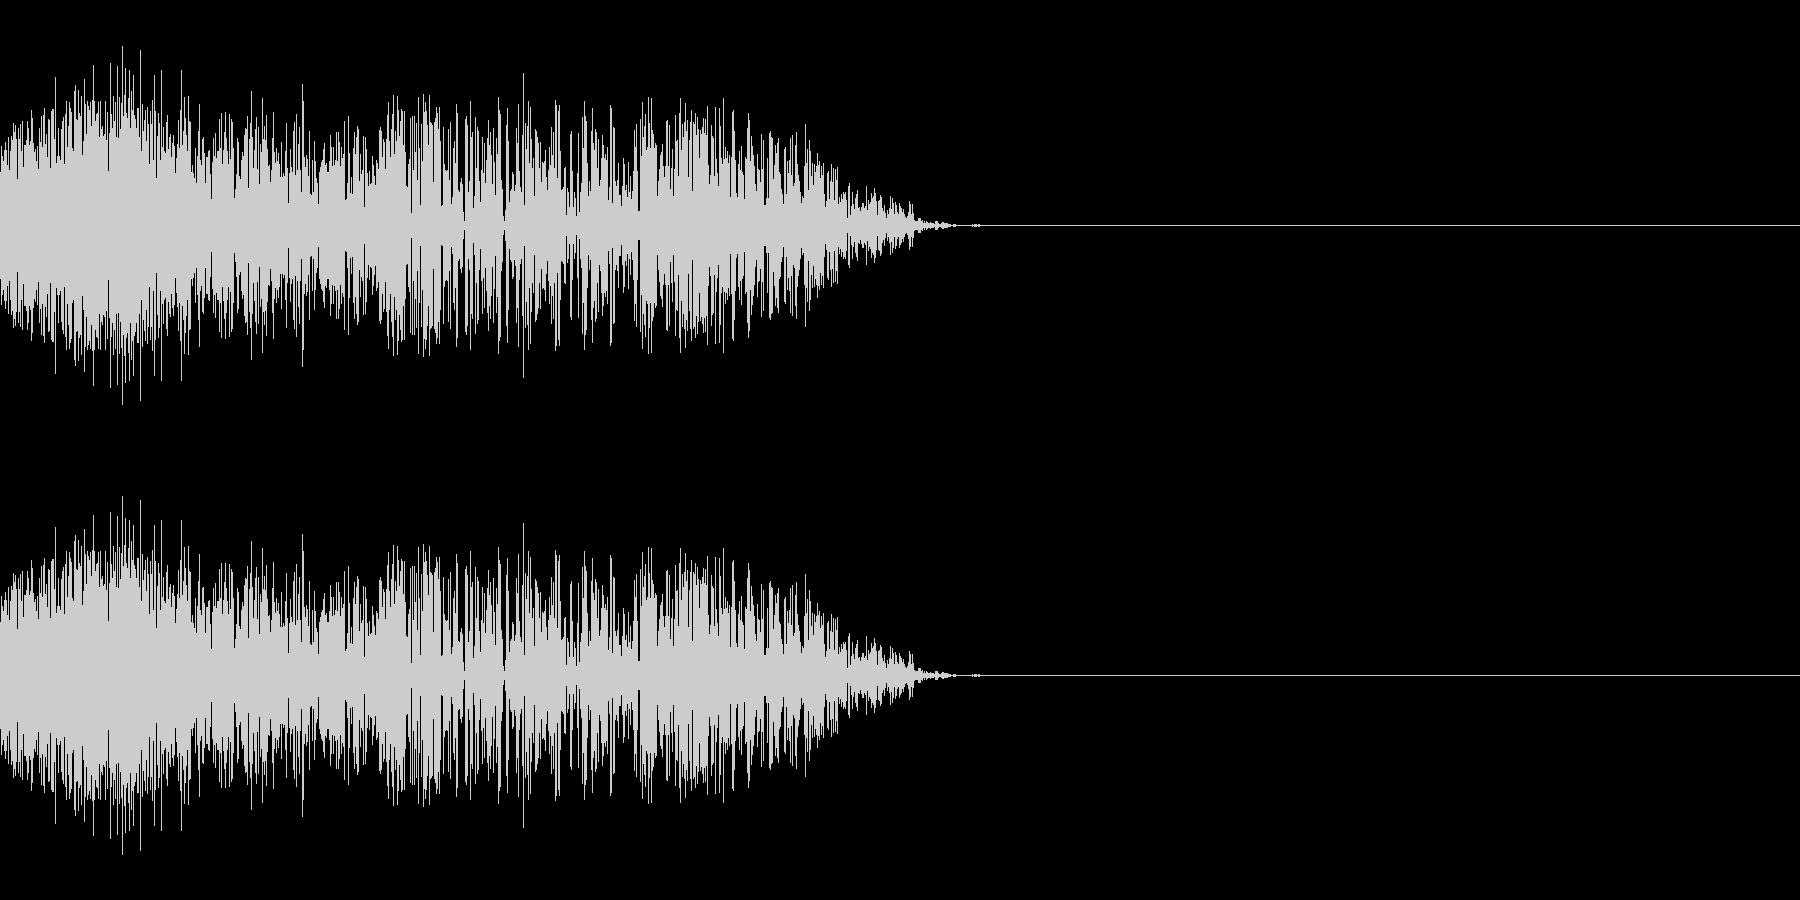 シュッ(スライディング/滑る/ひっかく)の未再生の波形